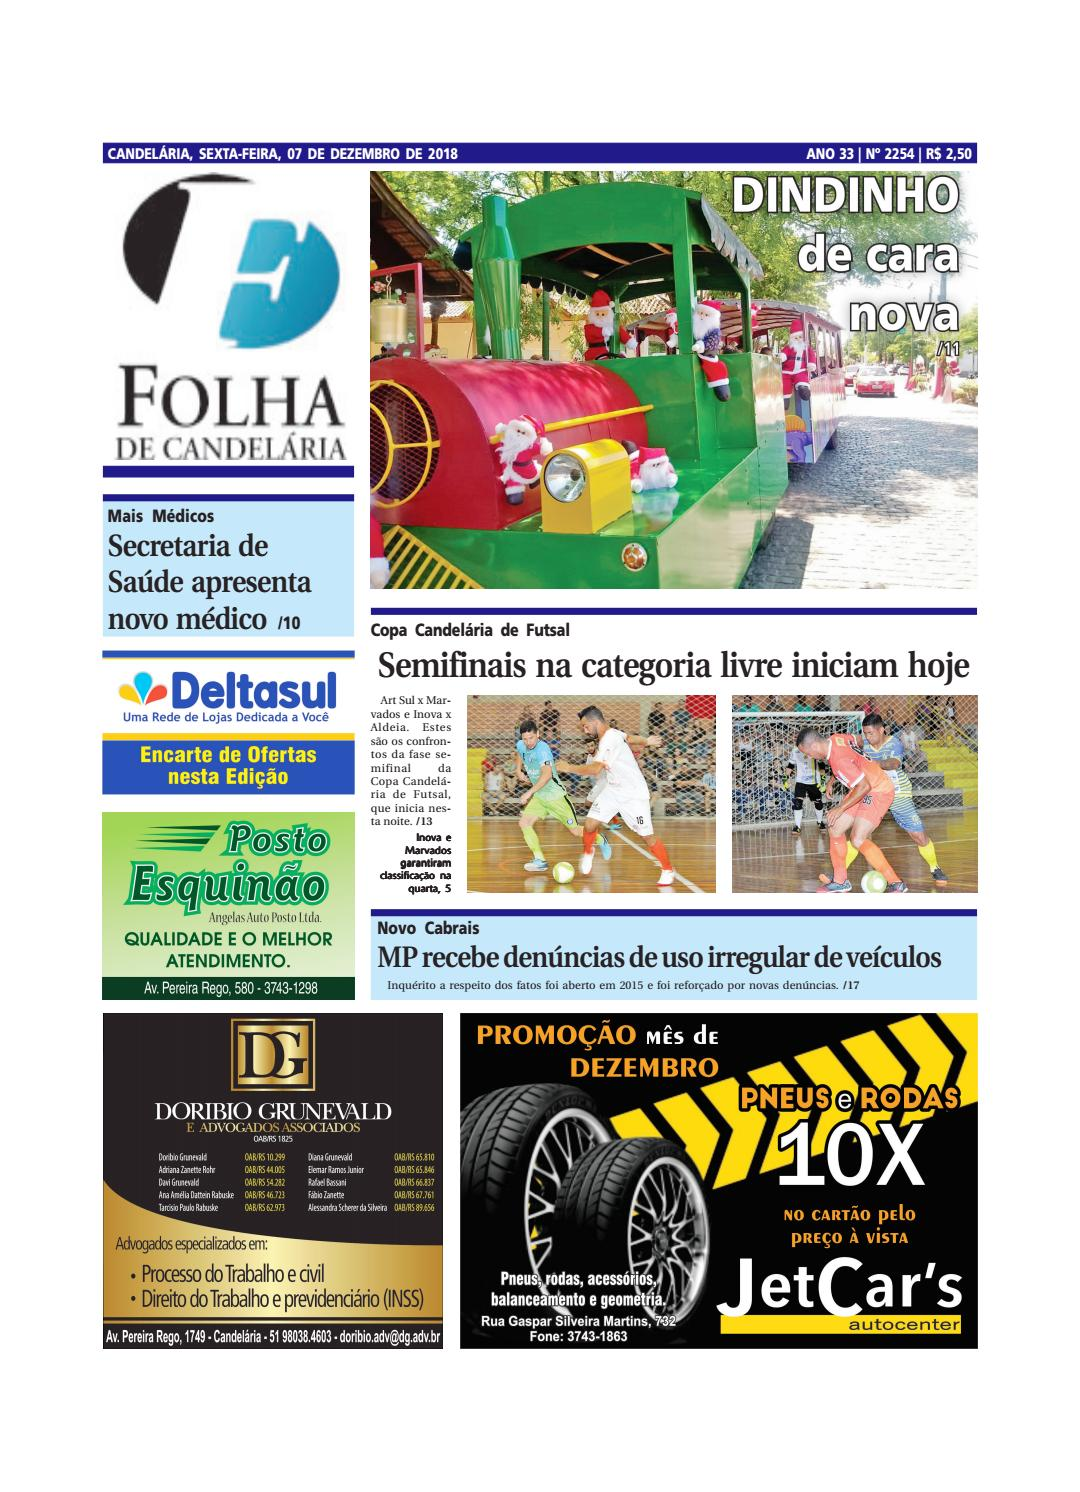 768368b8881 Edição nº 2254 (07 12 2018) by Folha de Candelária - issuu